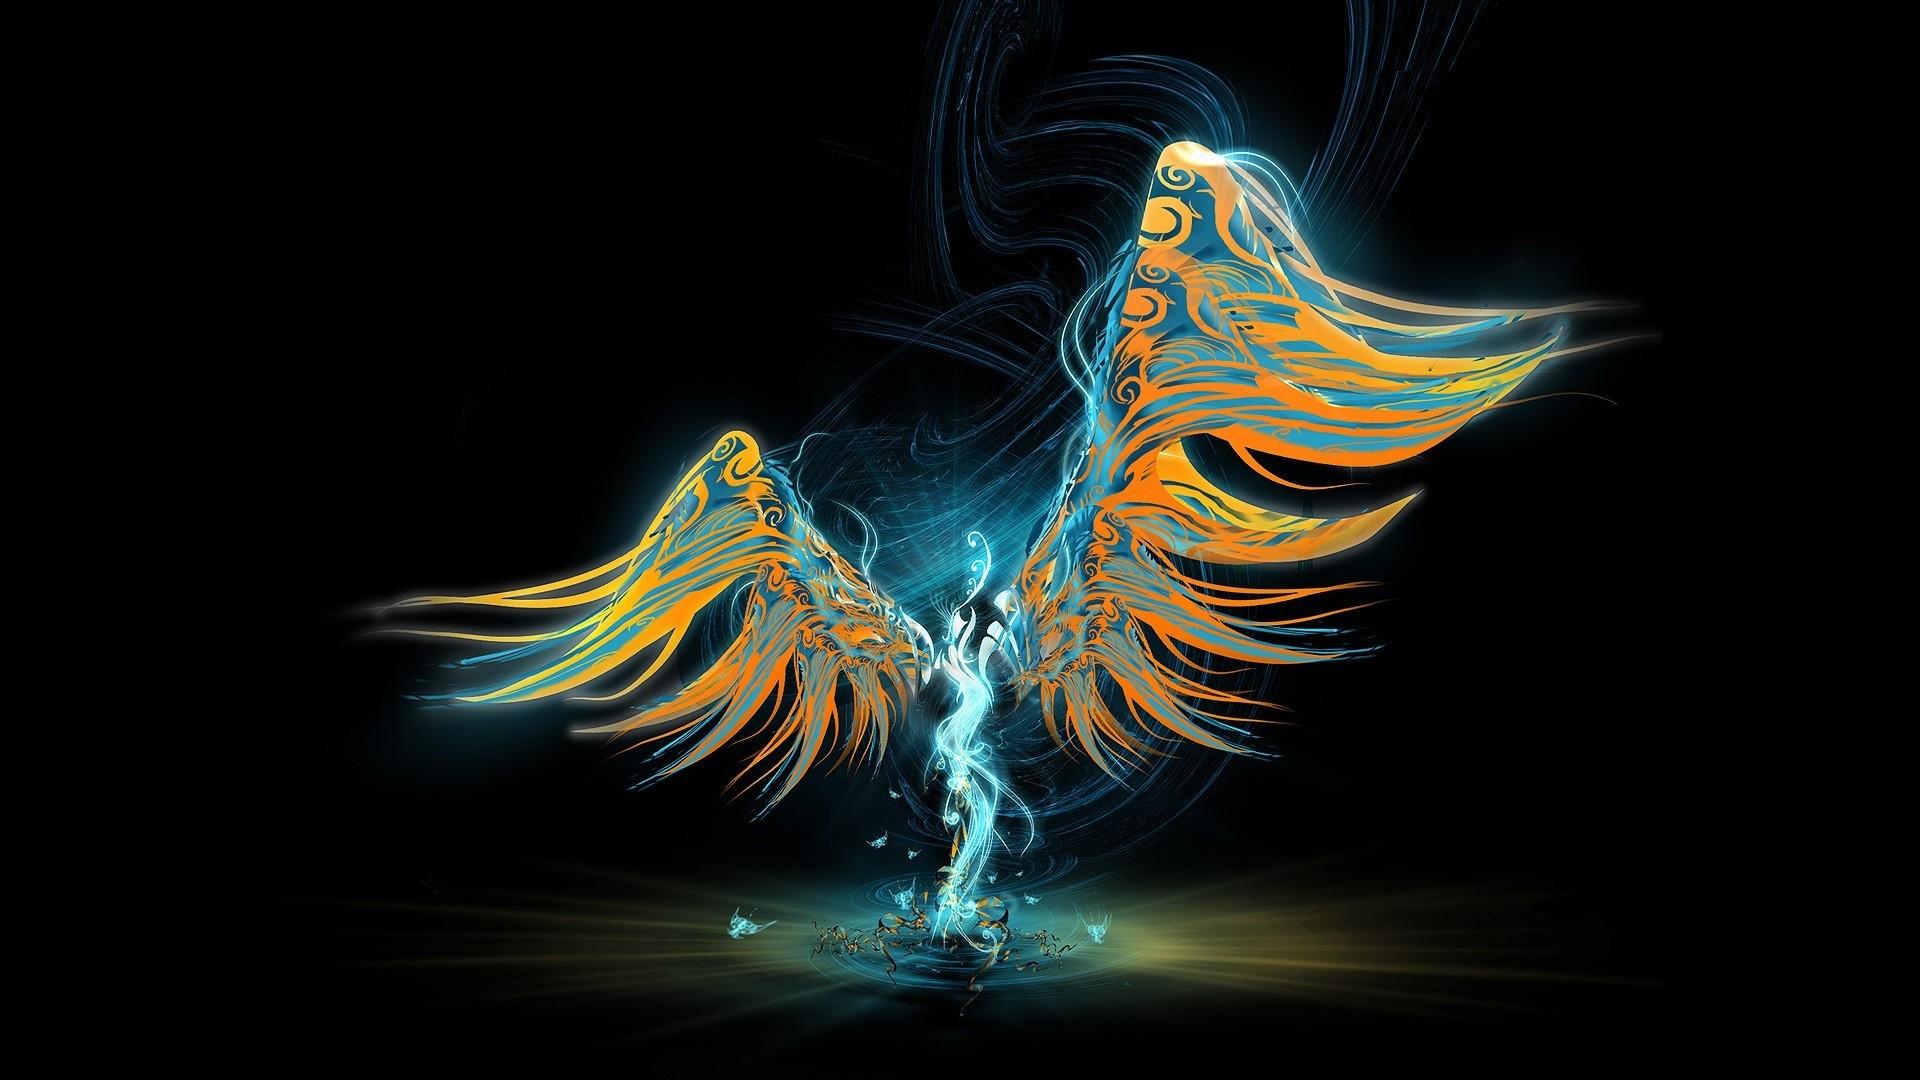 Wallpaper Angel, Wings, Light, Pattern